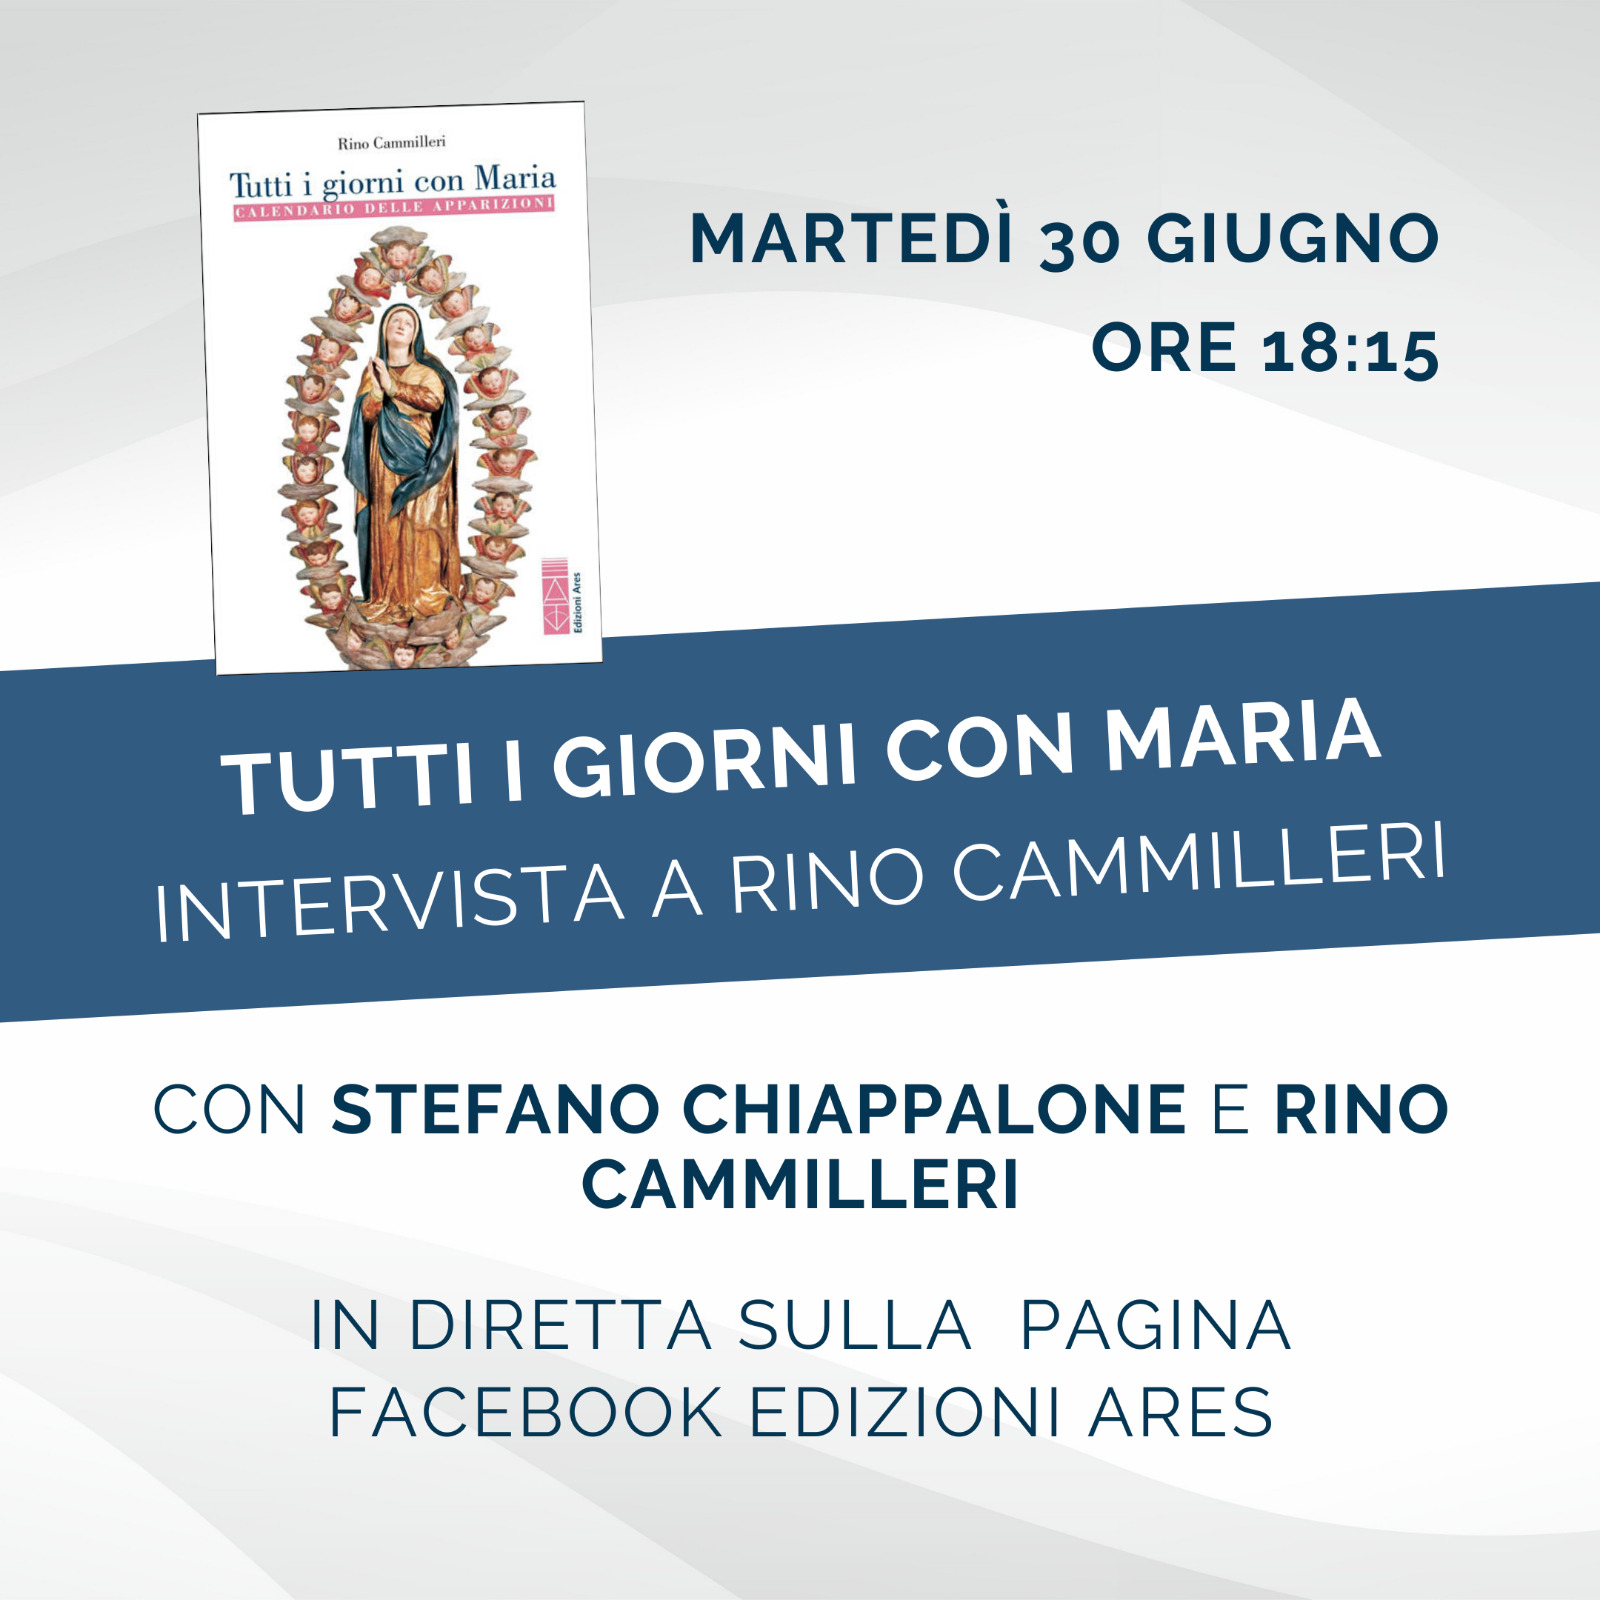 """Stasera presentazione online del libro """"Tutti giorni con Maria"""" di Rino Cammilleri"""